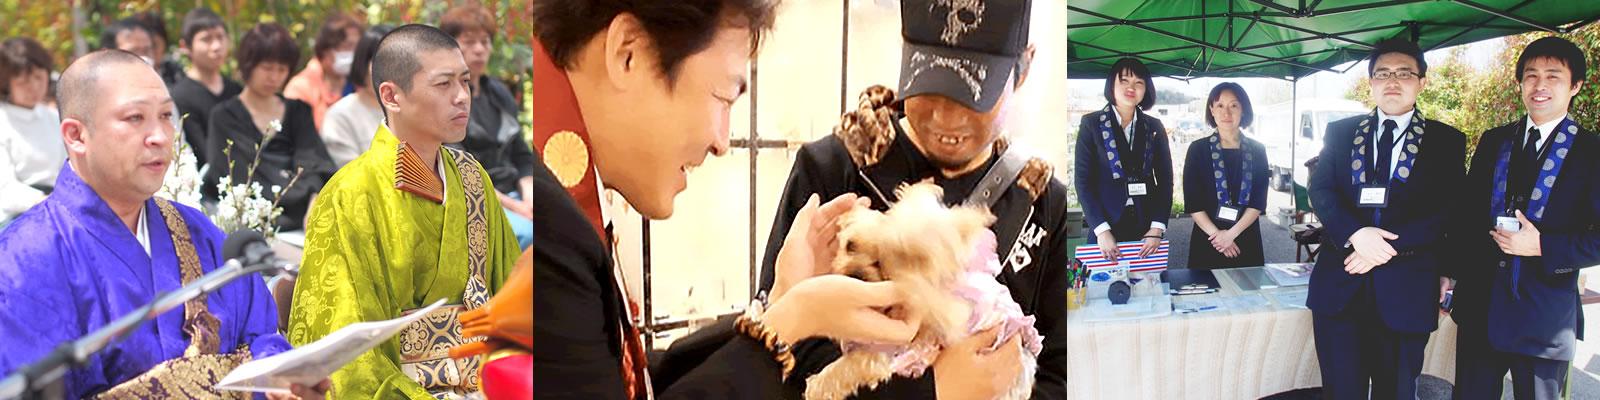 関東、関西、中部のペット火葬・葬儀・納骨のご相談は、愛ペットグループにお任せくだい。2003年創業、ご利用者様は30,000件以上